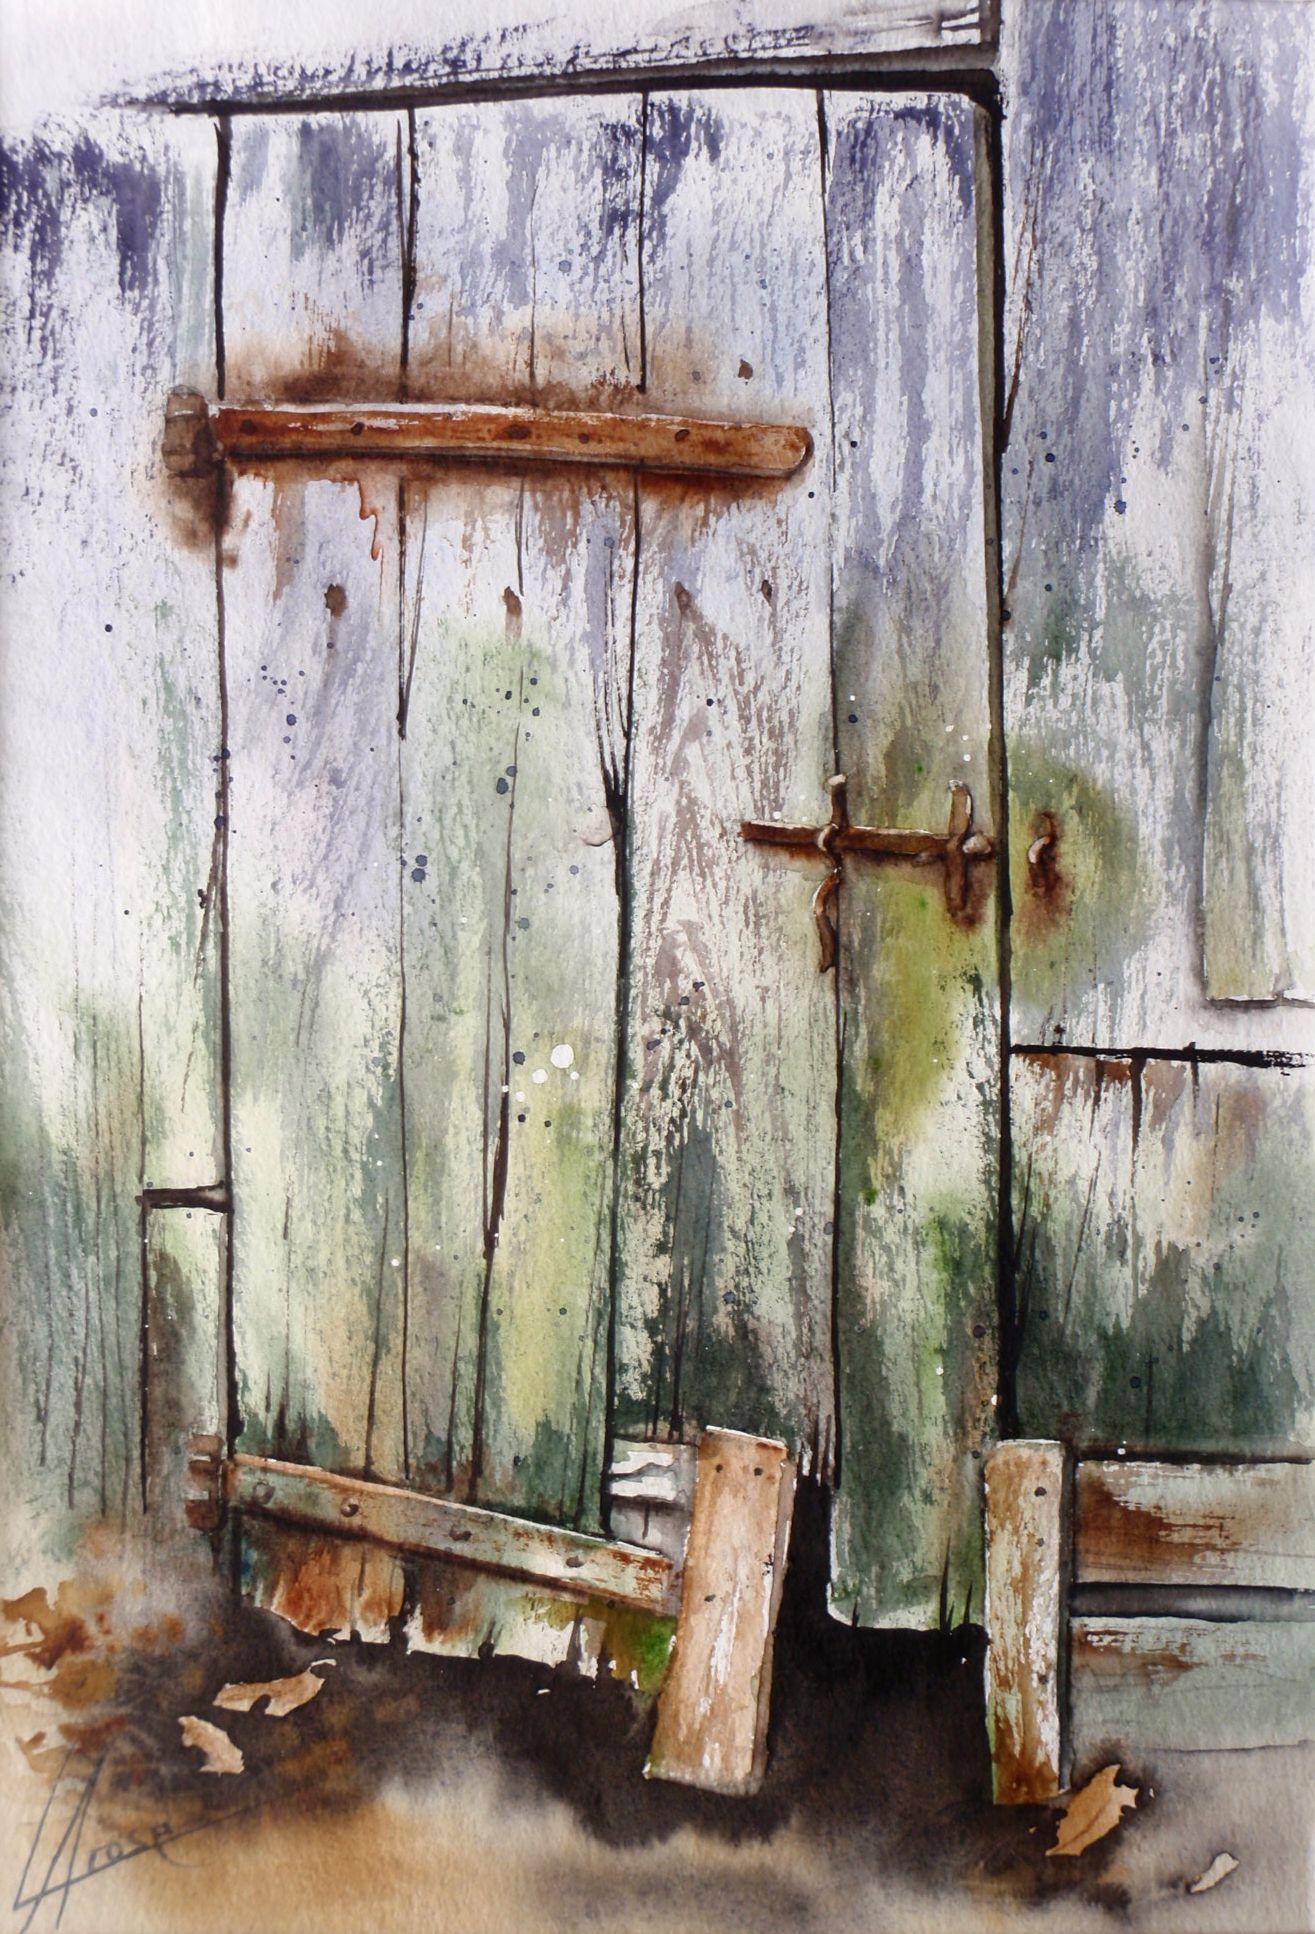 Couleurs Du Vieux Bois Aquarelle Anne Larose Textures And Drybrush